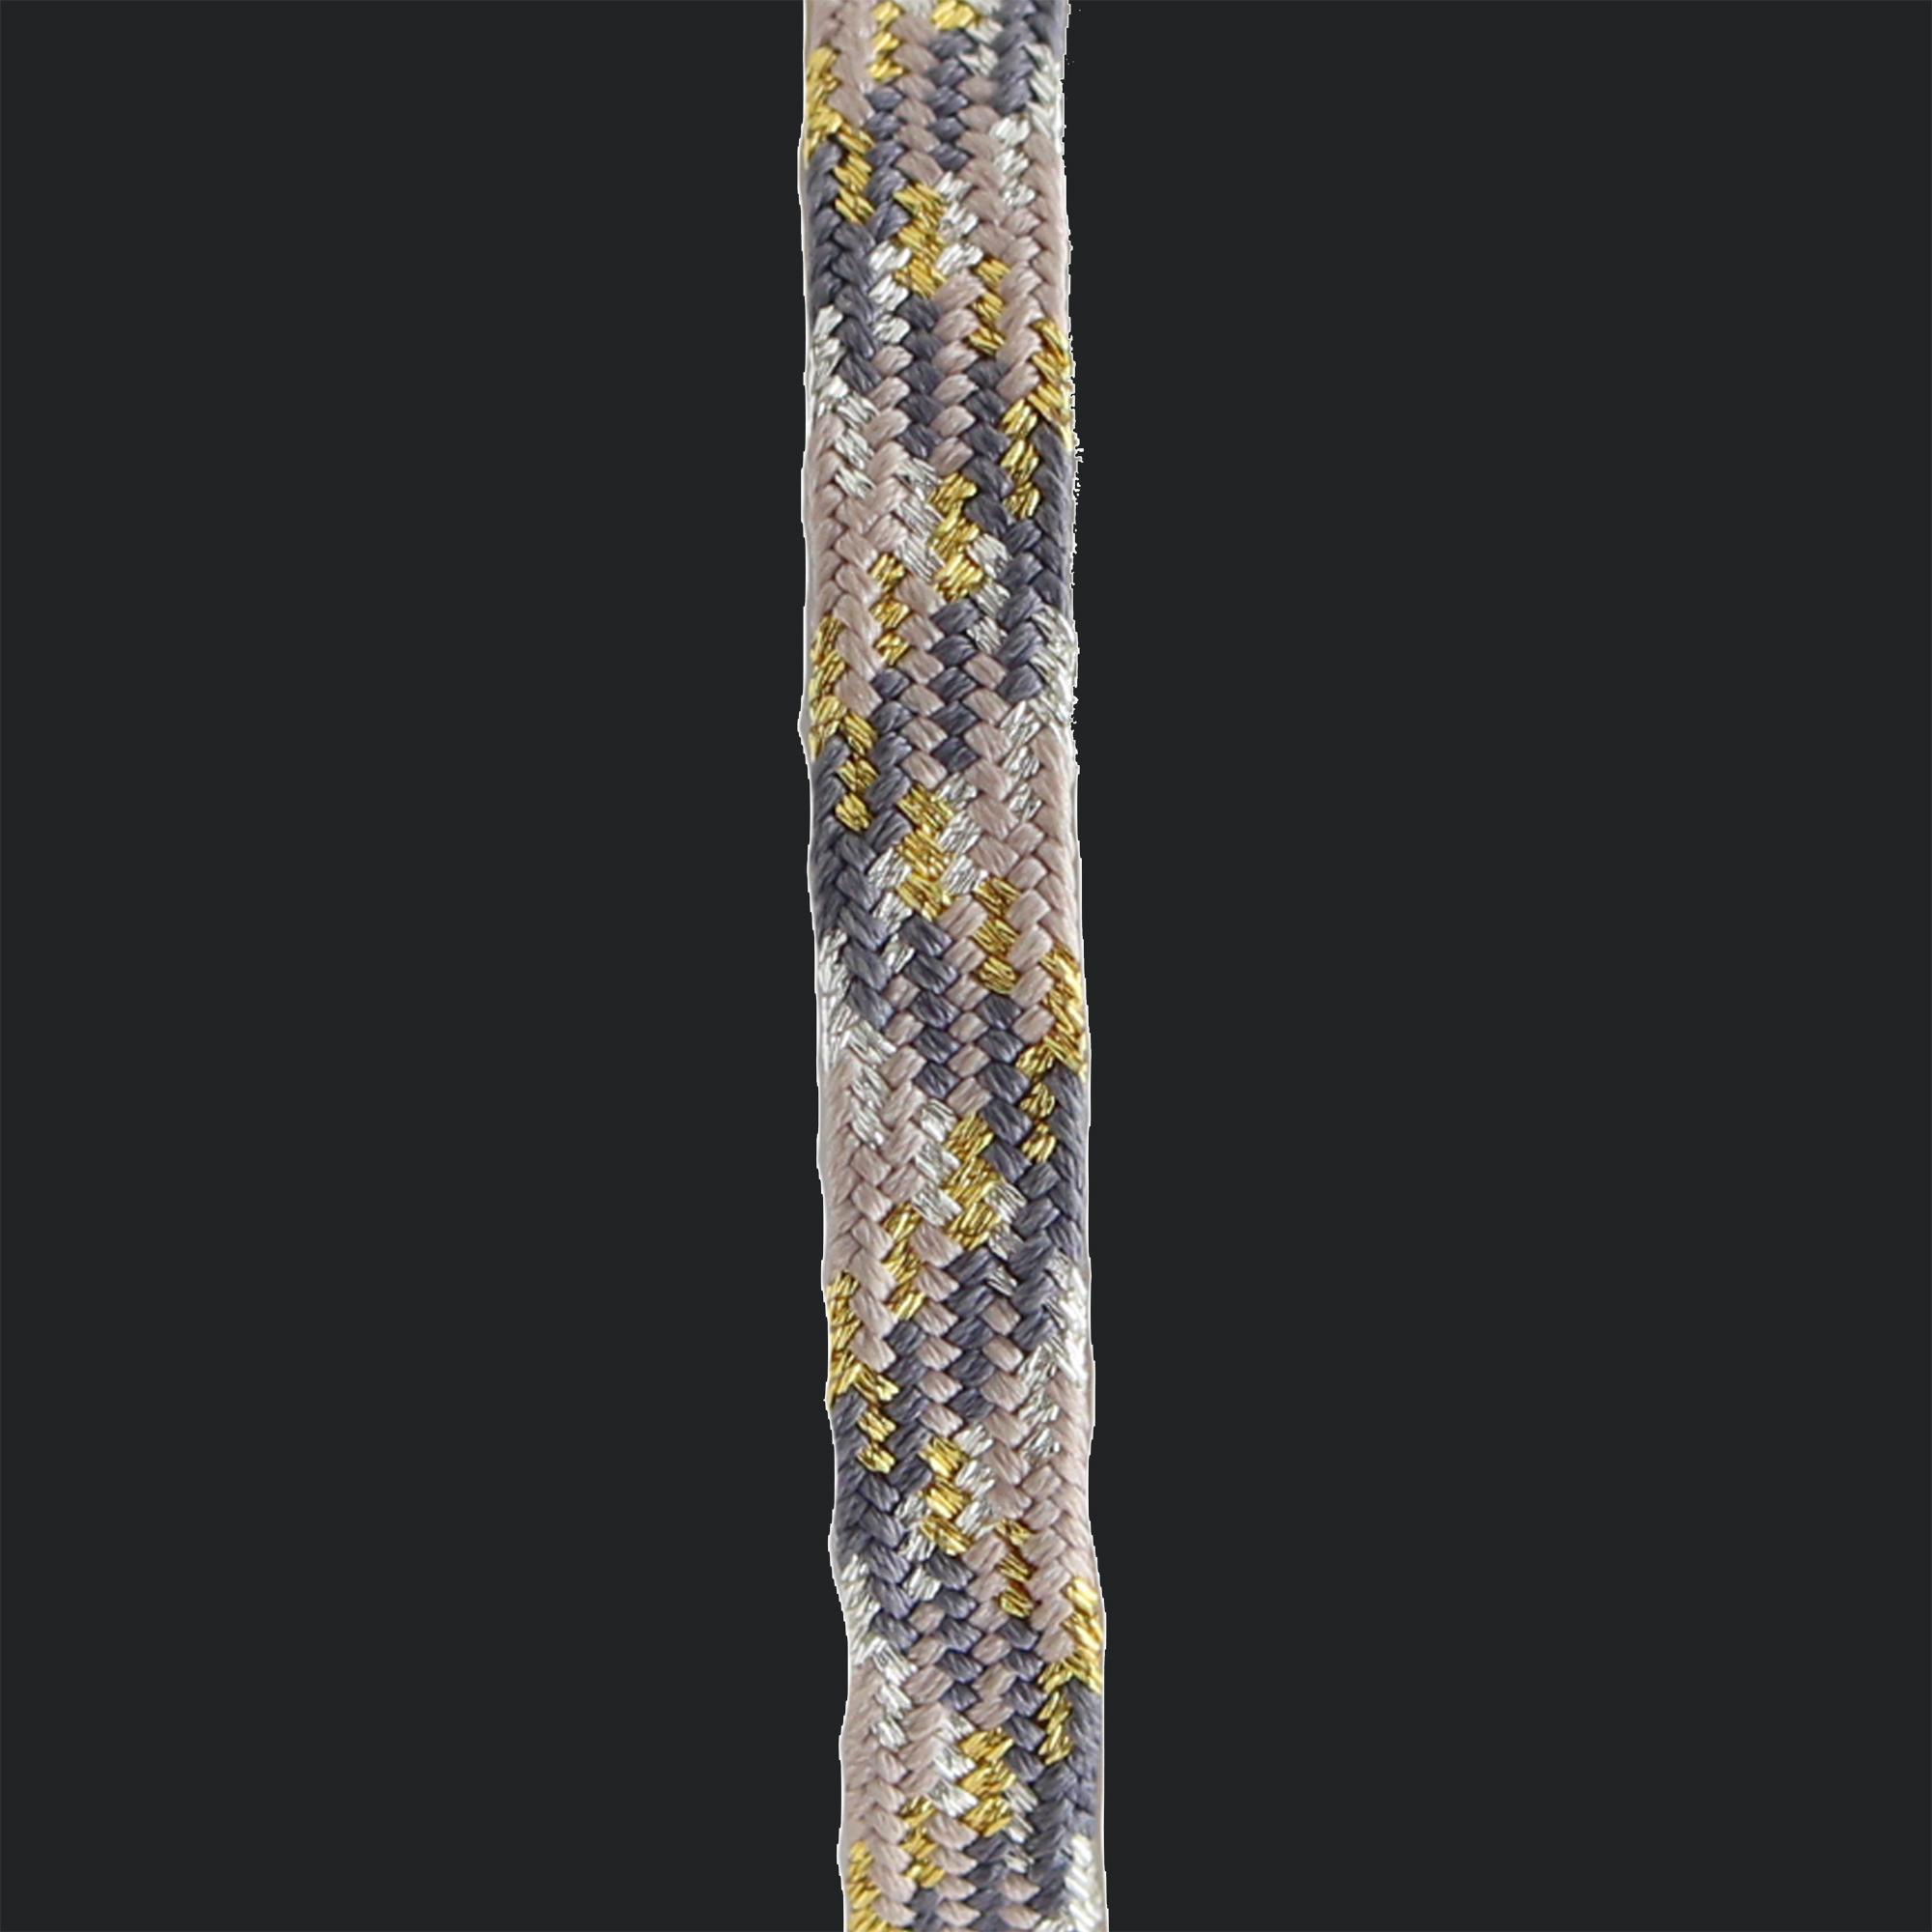 高麗イロPPのコピー